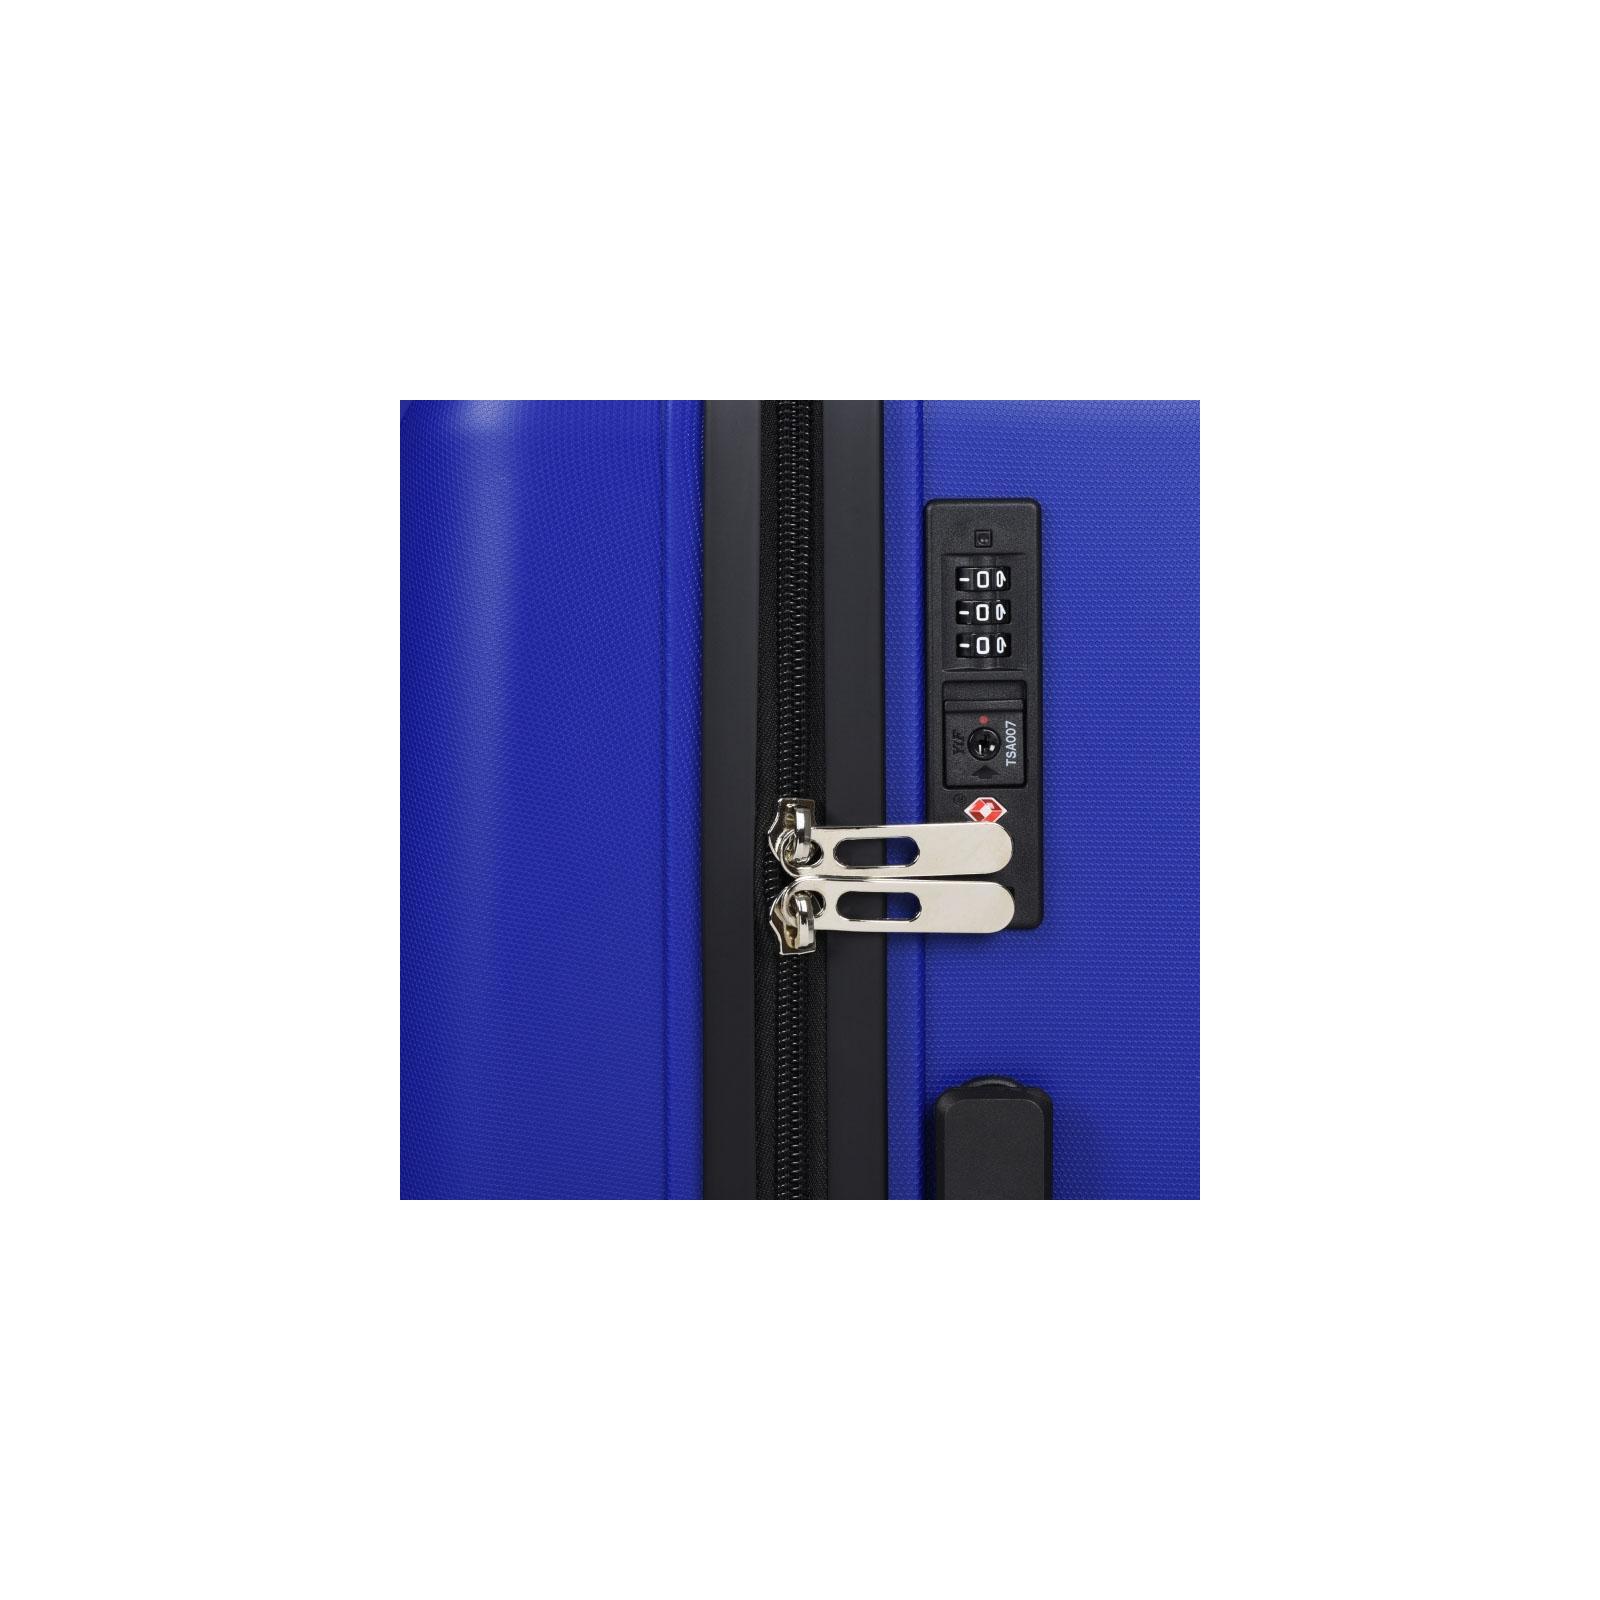 Чемодан 2E Youngster средний синий (2E-SPPY-M-NV) изображение 7